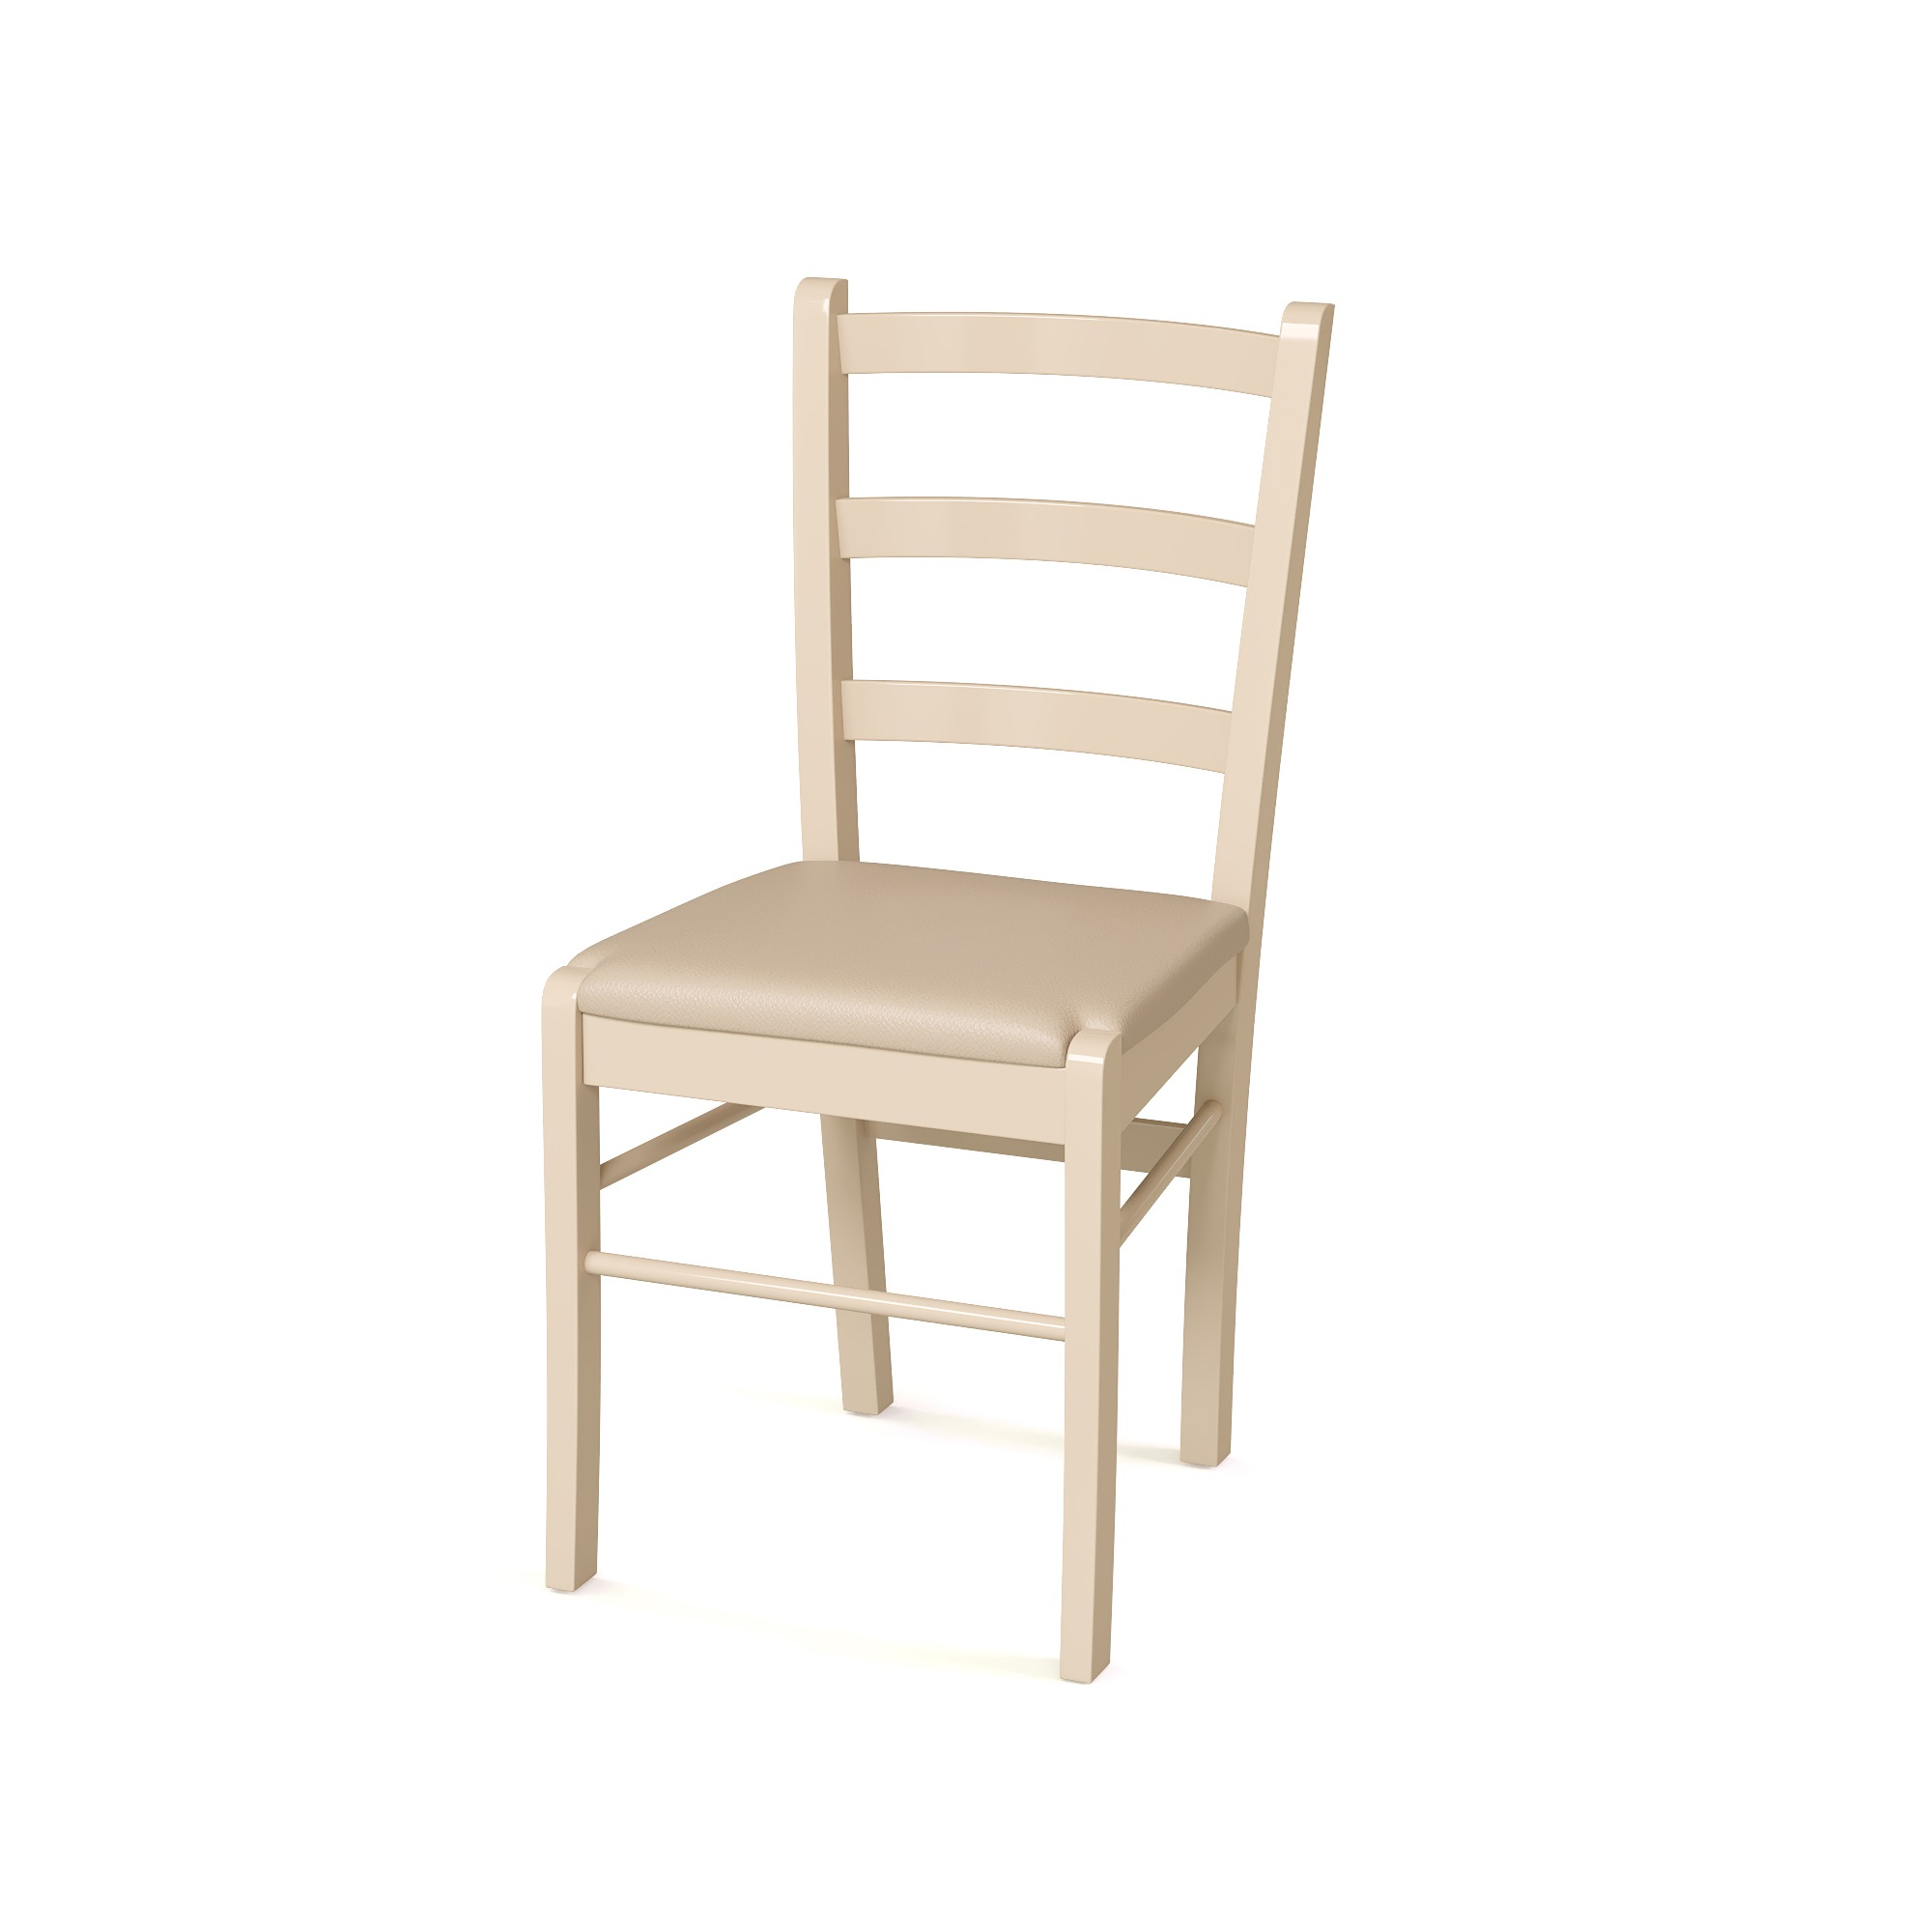 Стул PavlaОбеденные стулья<br><br><br>Material: Экокожа<br>Ширина см: 45.0<br>Высота см: 93.0<br>Глубина см: 47.0